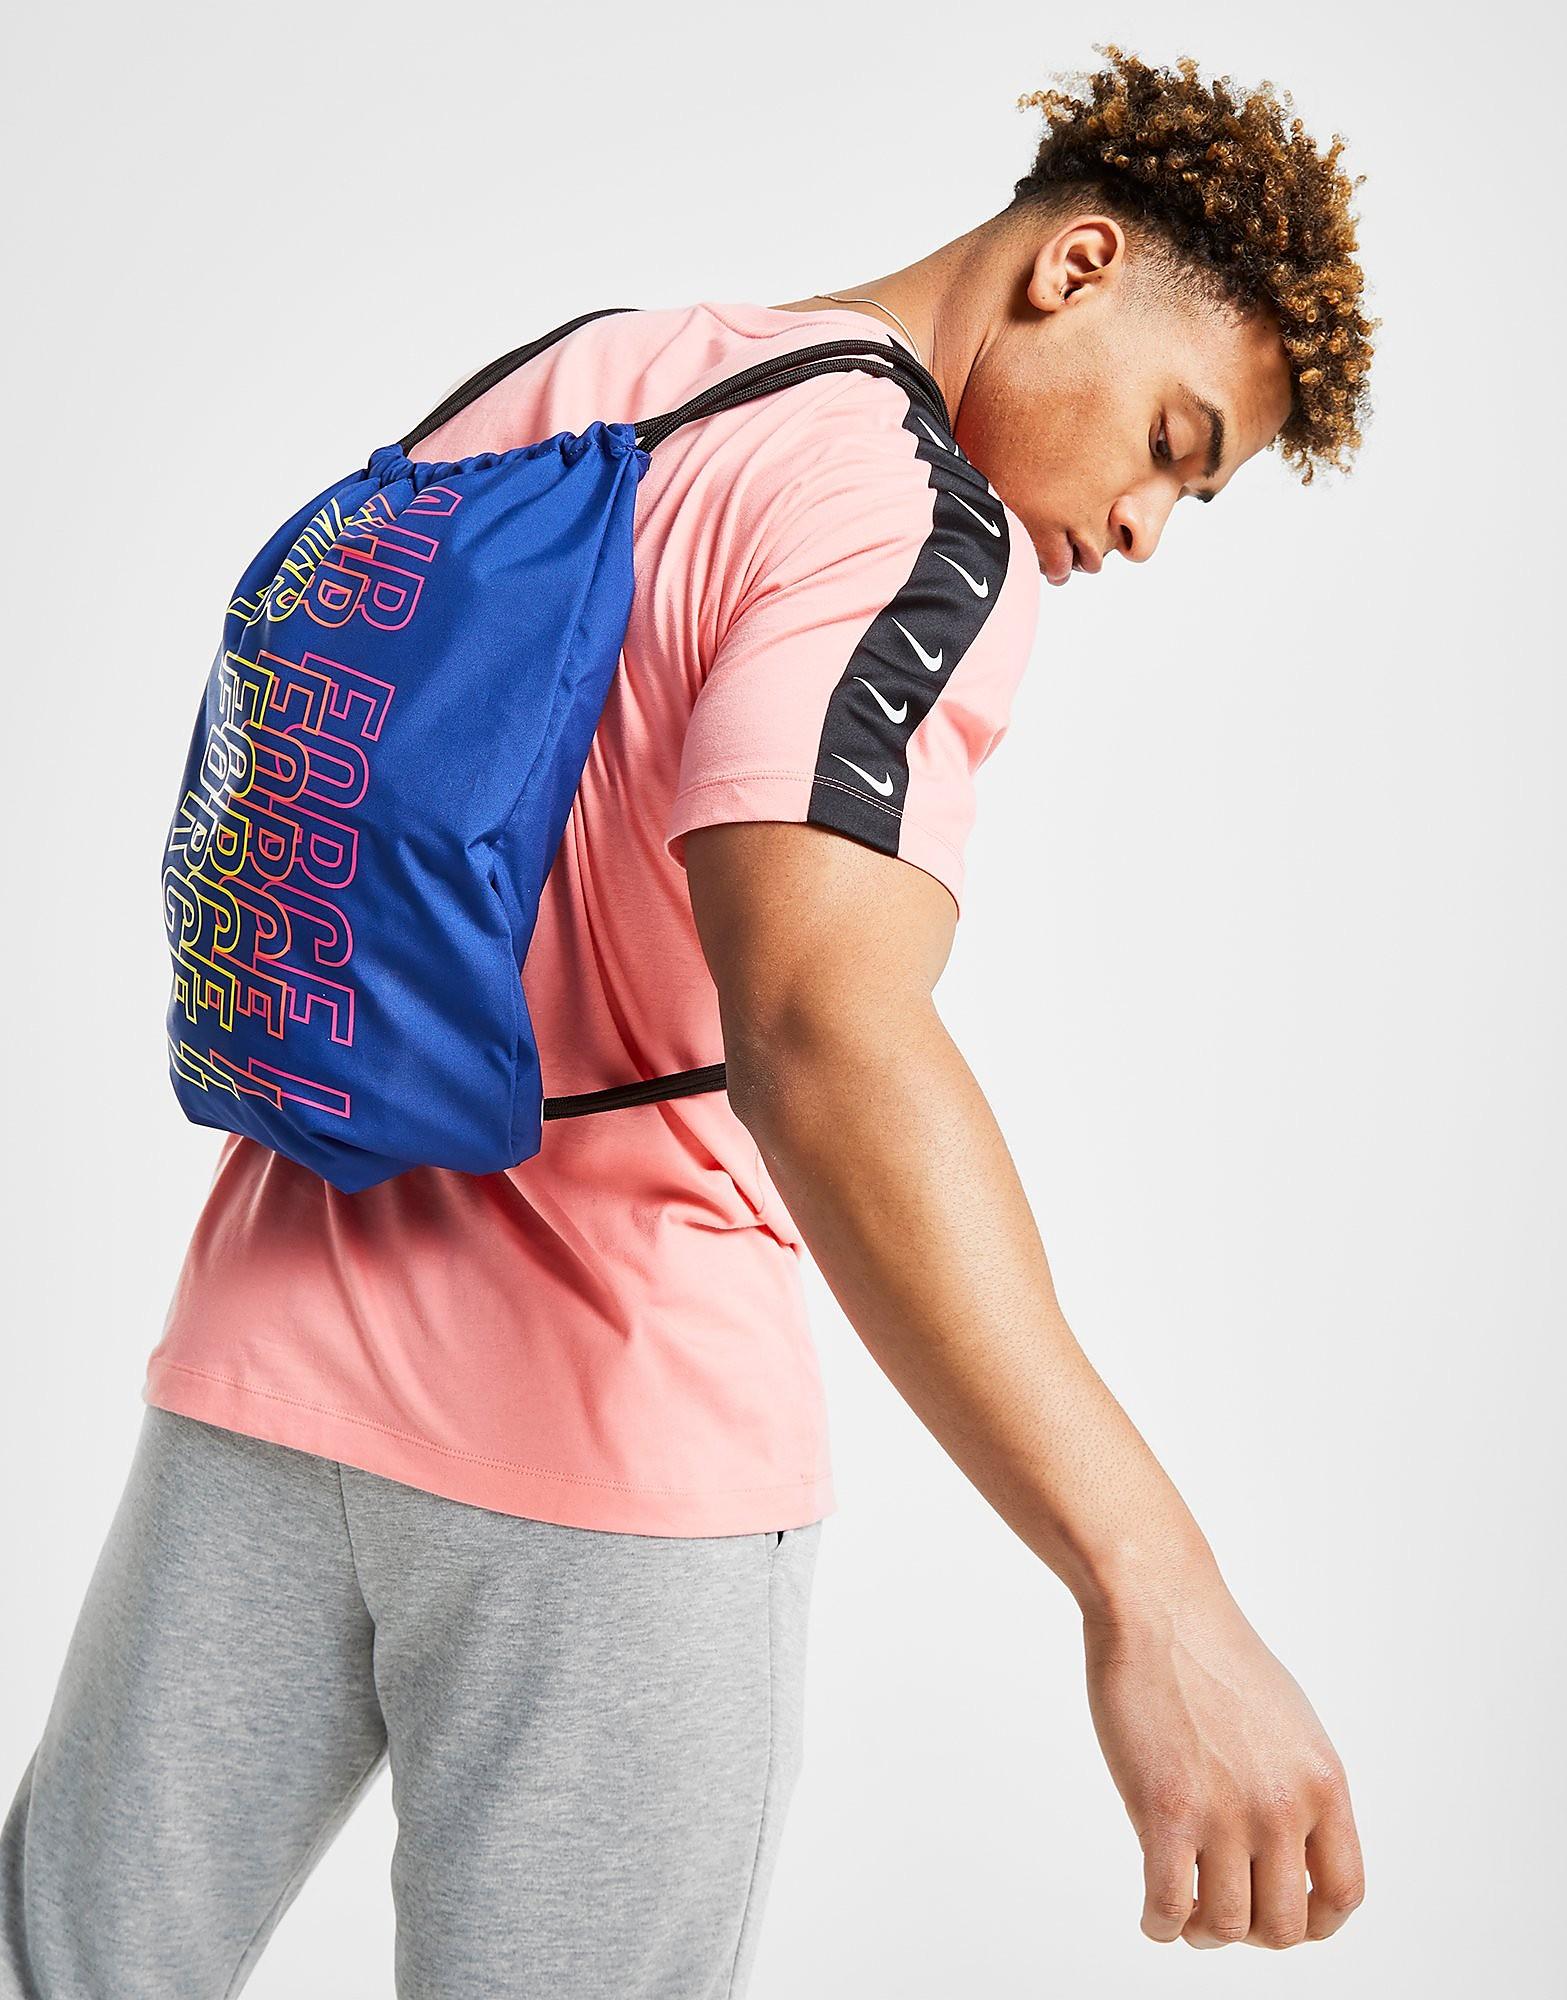 Nike gymtas multicolor en blauw